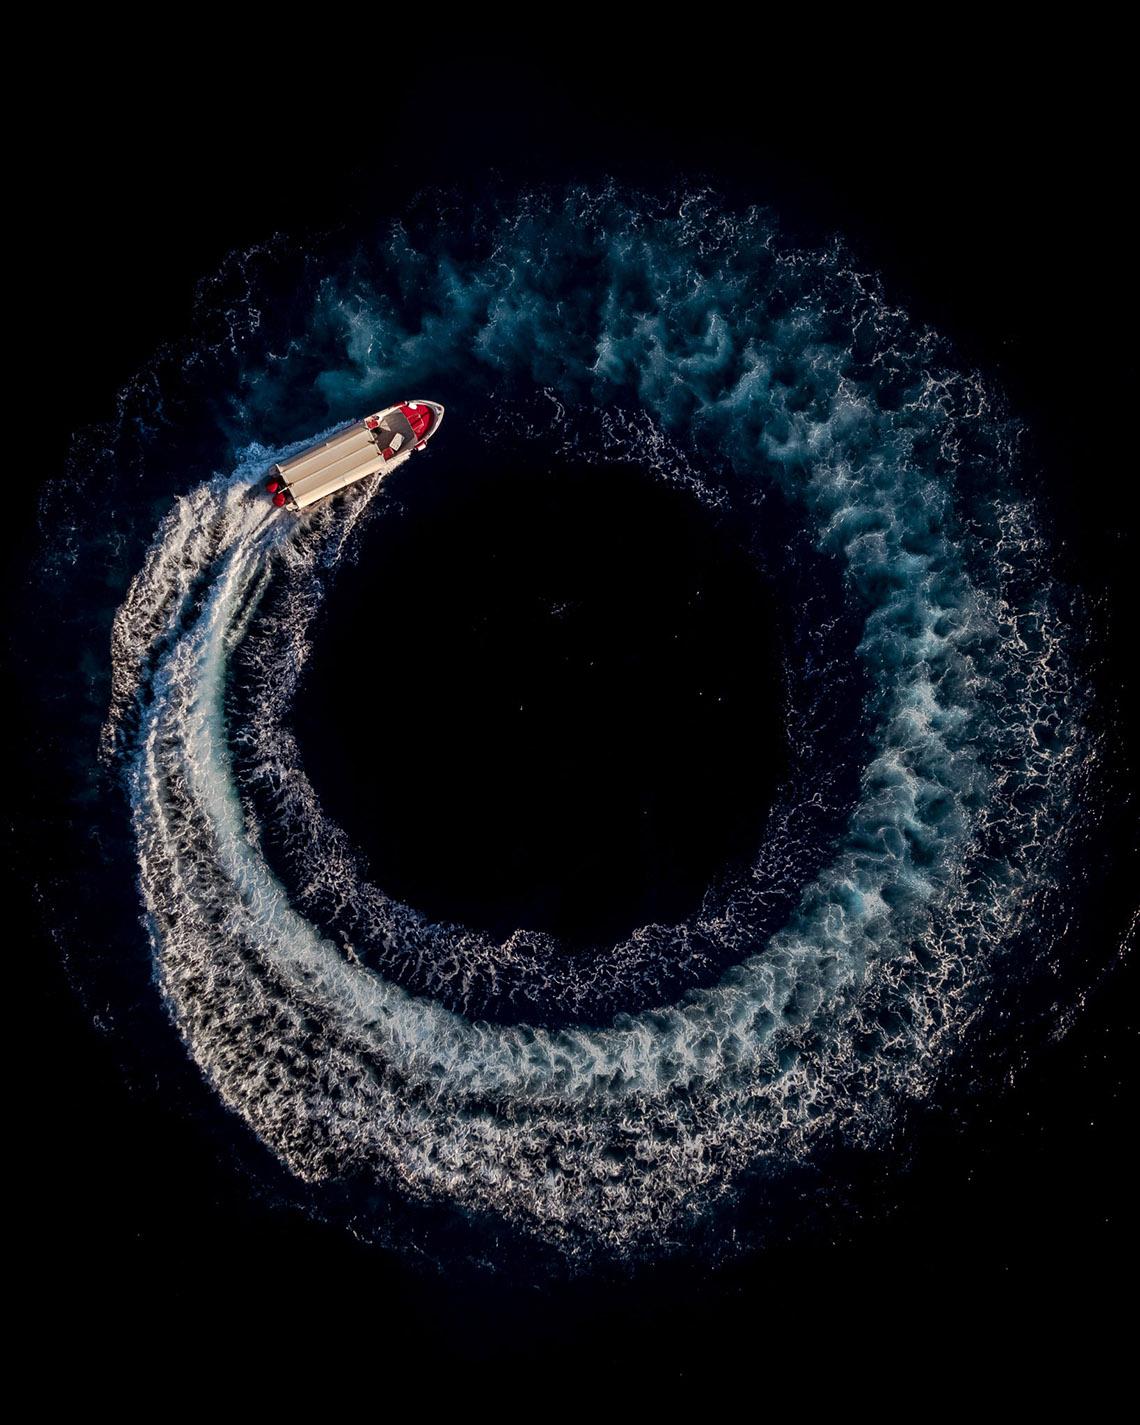 Các bức ảnh ấn tượng từ cuộc thi Sony World Photography Awards Open Competition 2020 -11